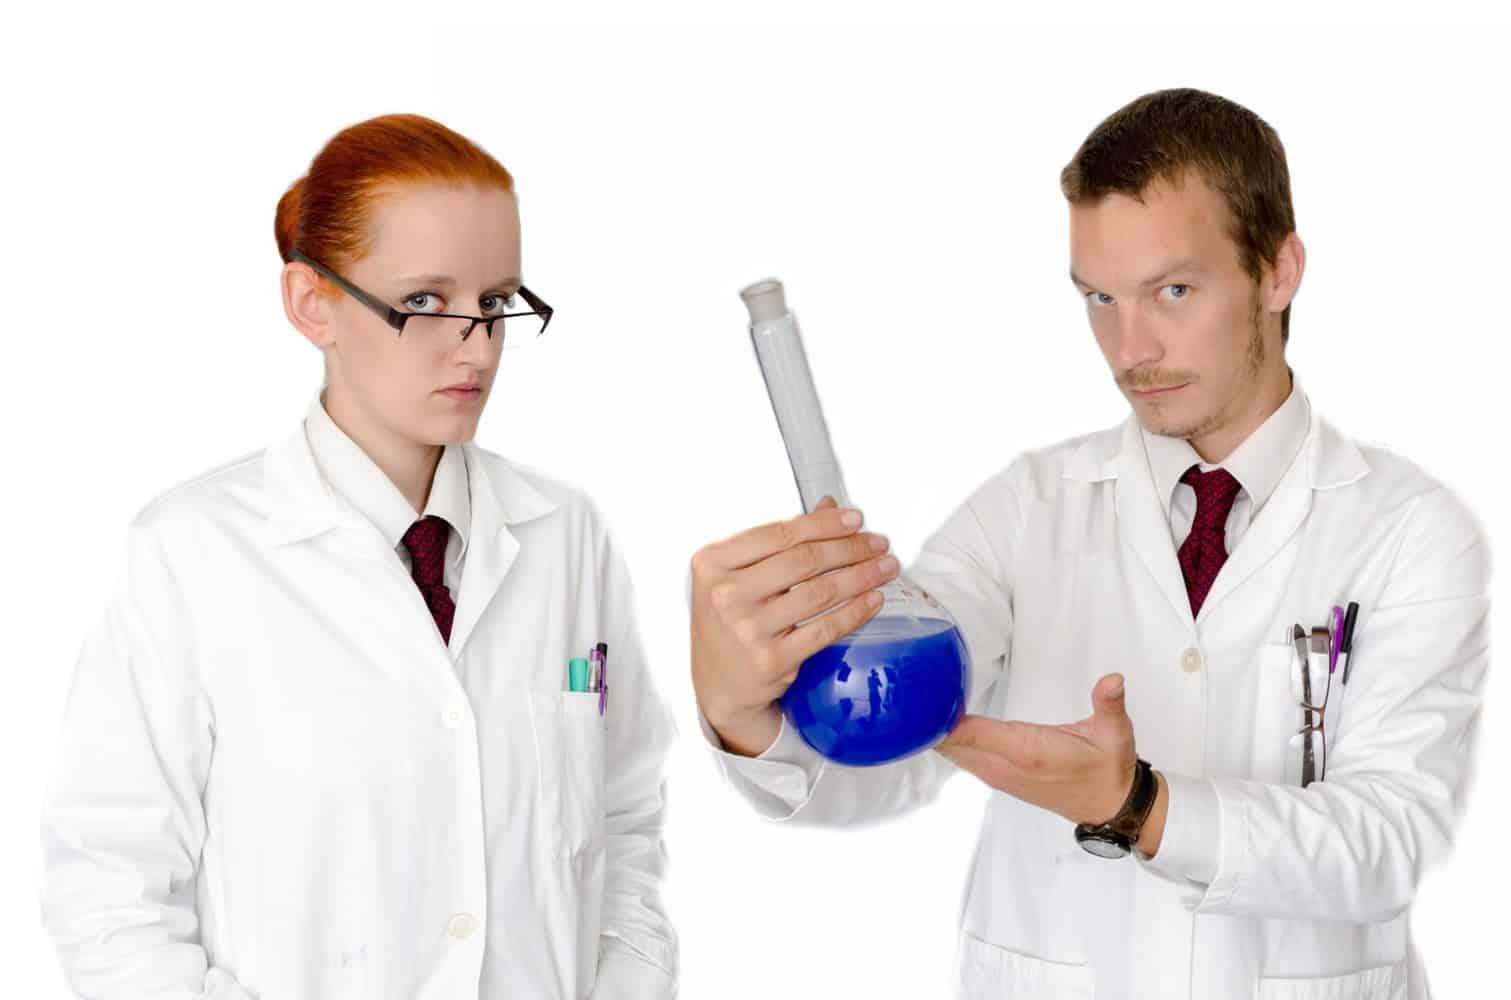 Ha egy olyan szakmát szeretnél kitanulni, amivel biztosan sok pénzt kereshetsz és elismerést szerezhetsz, akkor a CRA-Klinikai kutatási munkatárs tanfolyam Neked való!